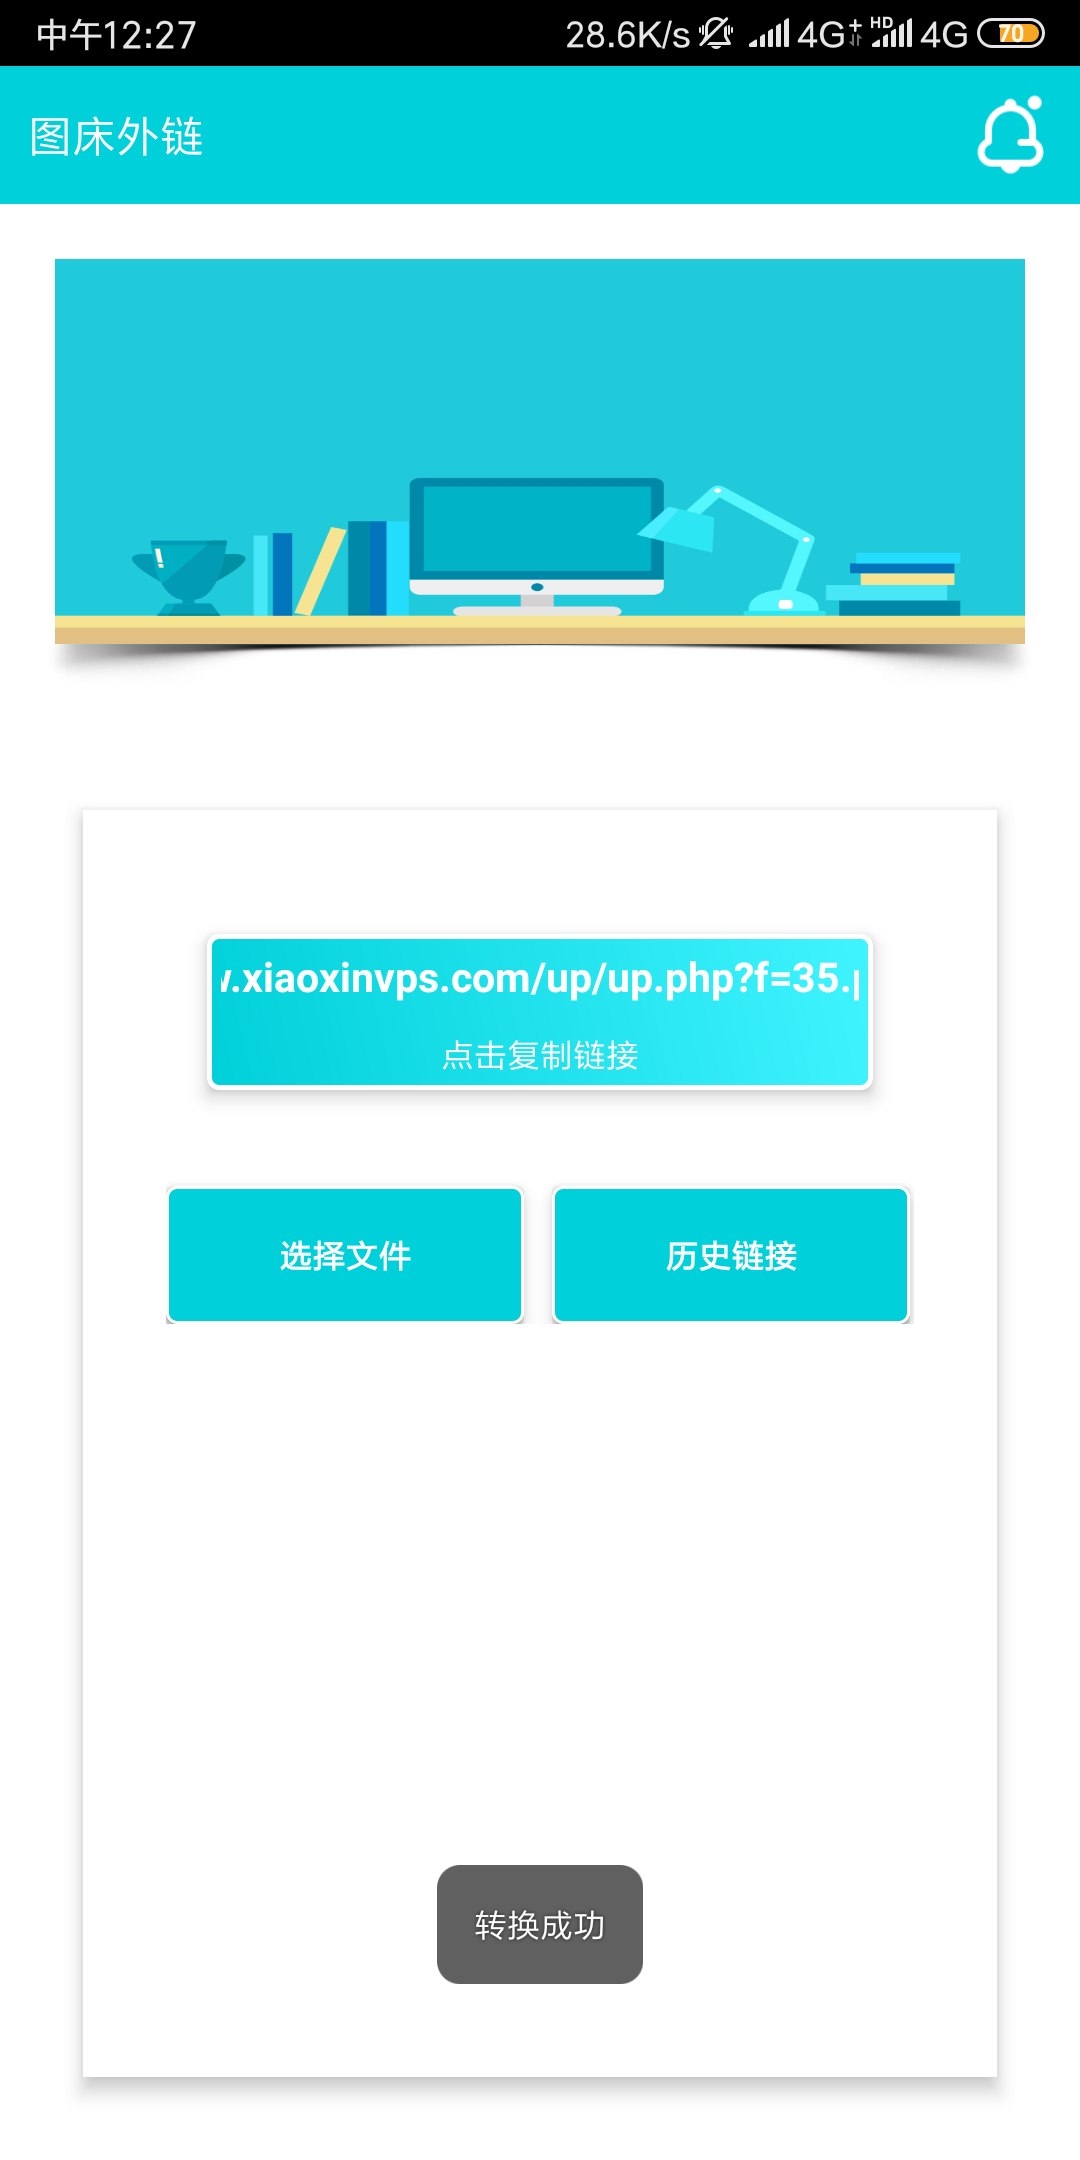 【资源分享】图床外链_v1.0